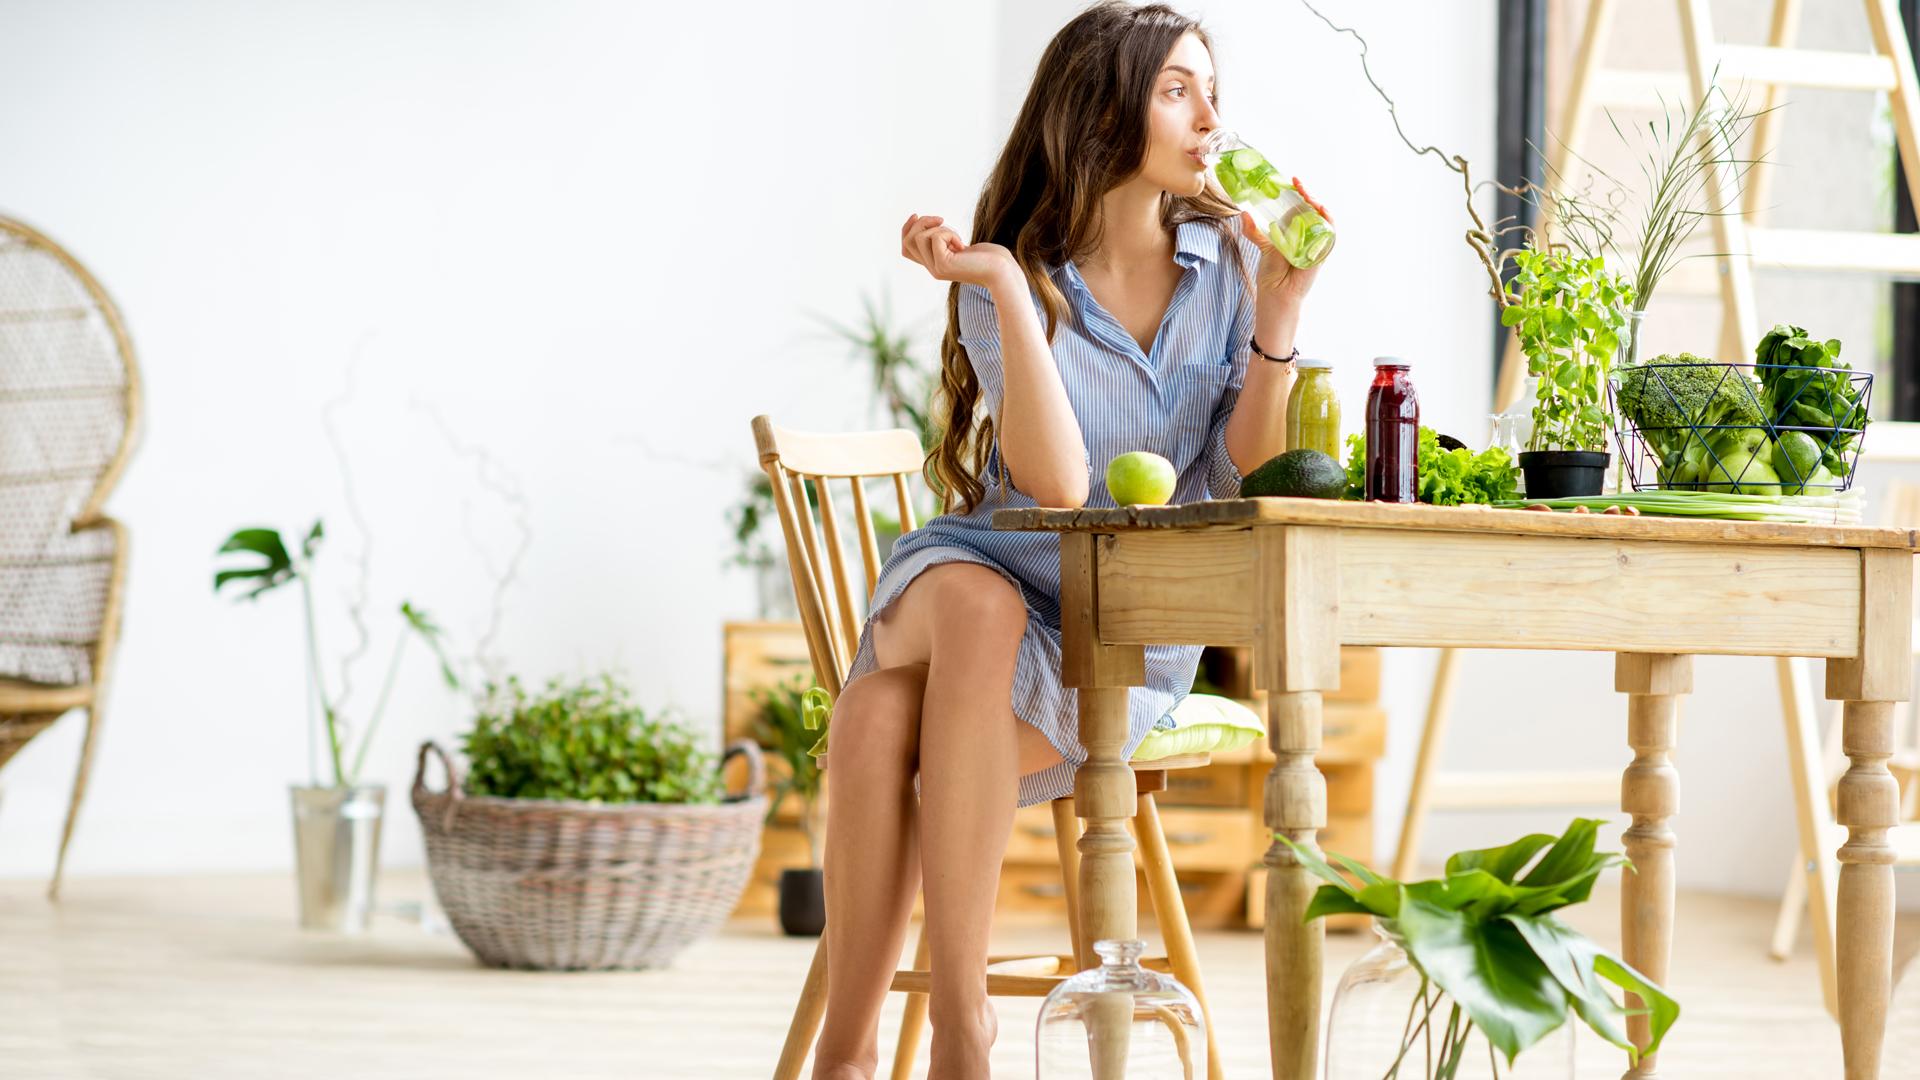 mitos y verdades de las dietas para adelgazar rapido